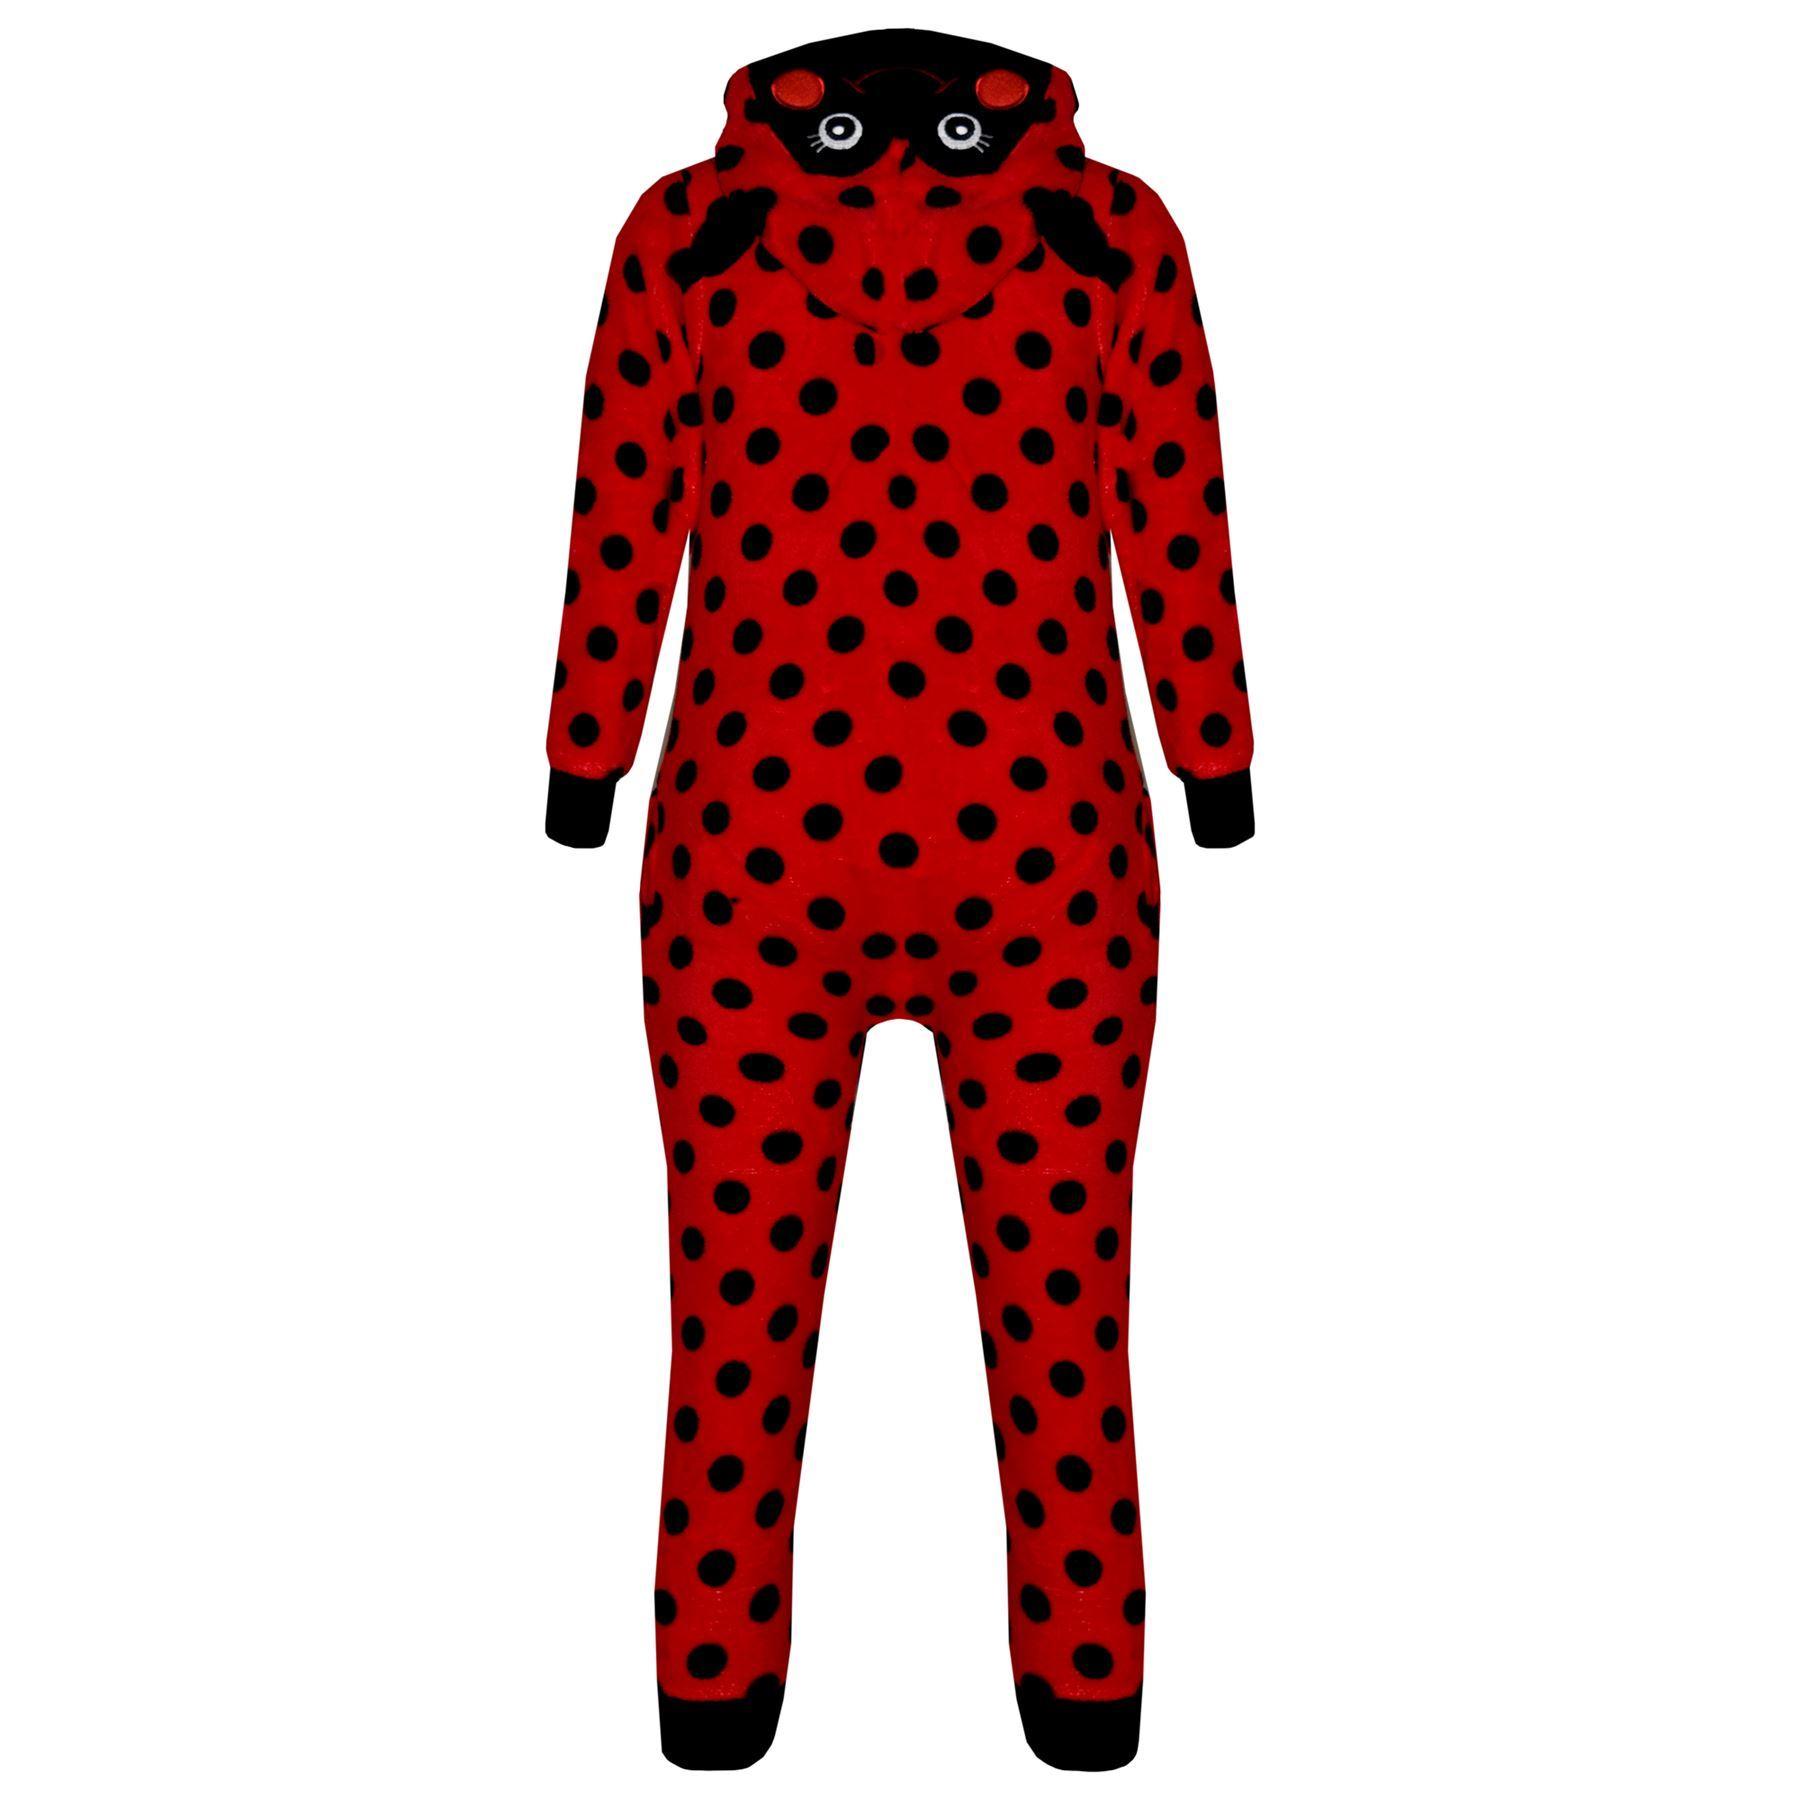 Kids-Girls-Boys-Soft-Fluffy-Animal-Monkey-A2Z-Onesie-One-Piece-Halloween-Costume miniatuur 29